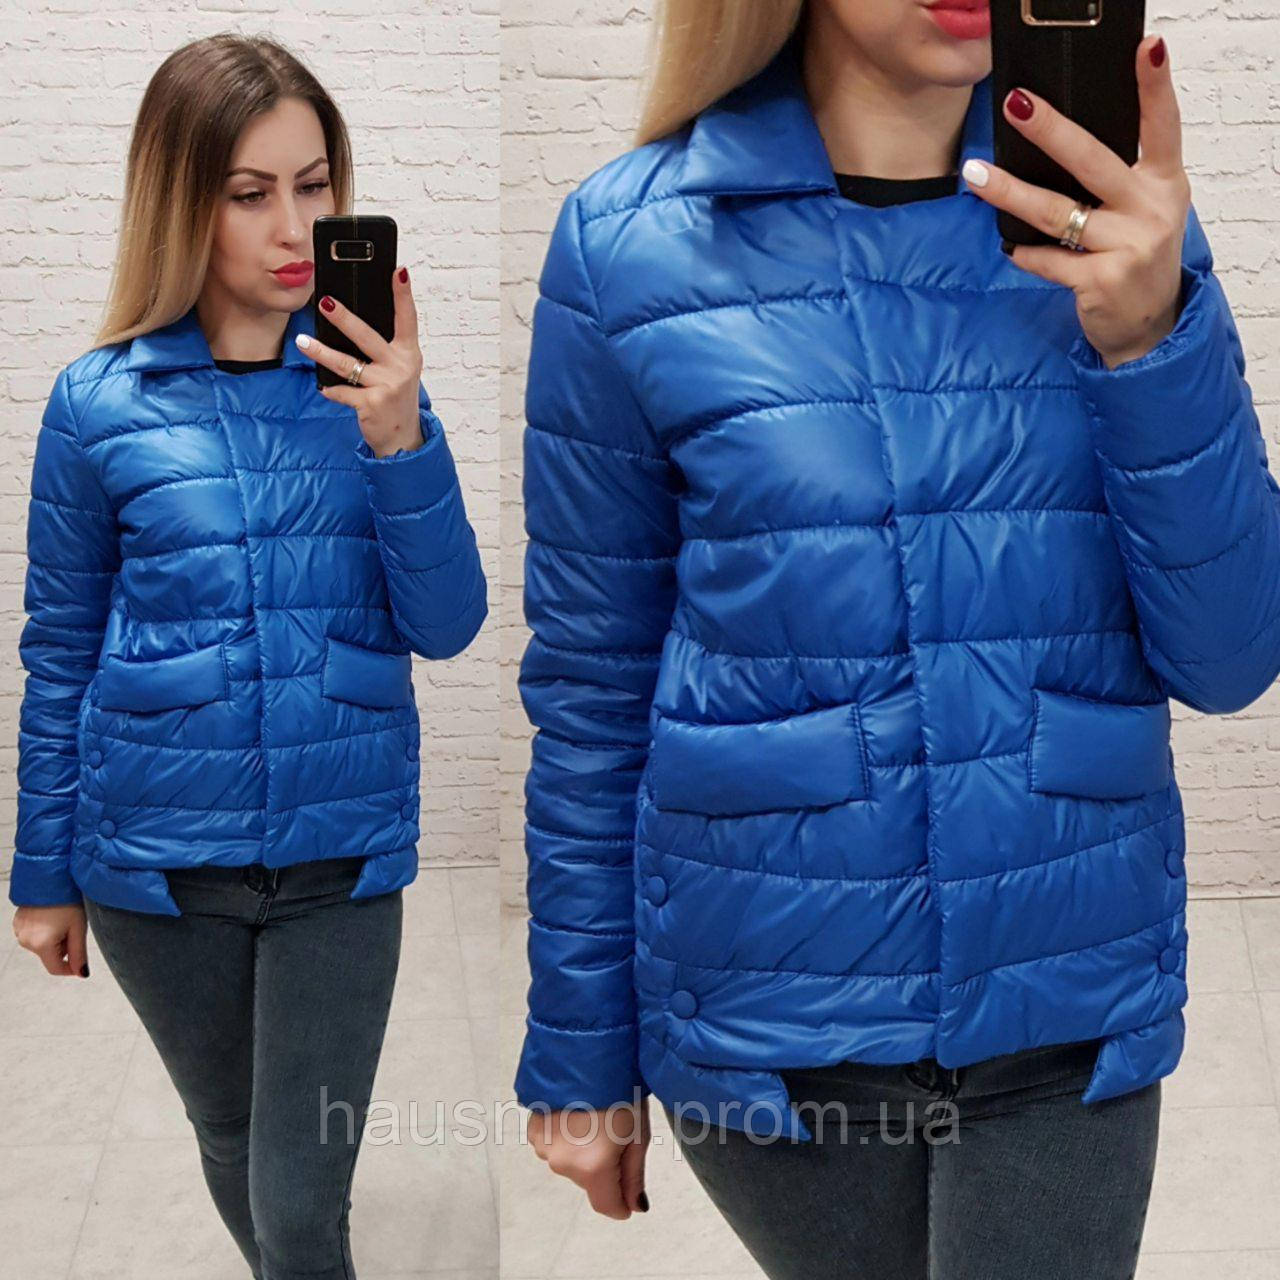 Женская куртка весна на кнопках ткань плащевка на синтепоне цвет синий